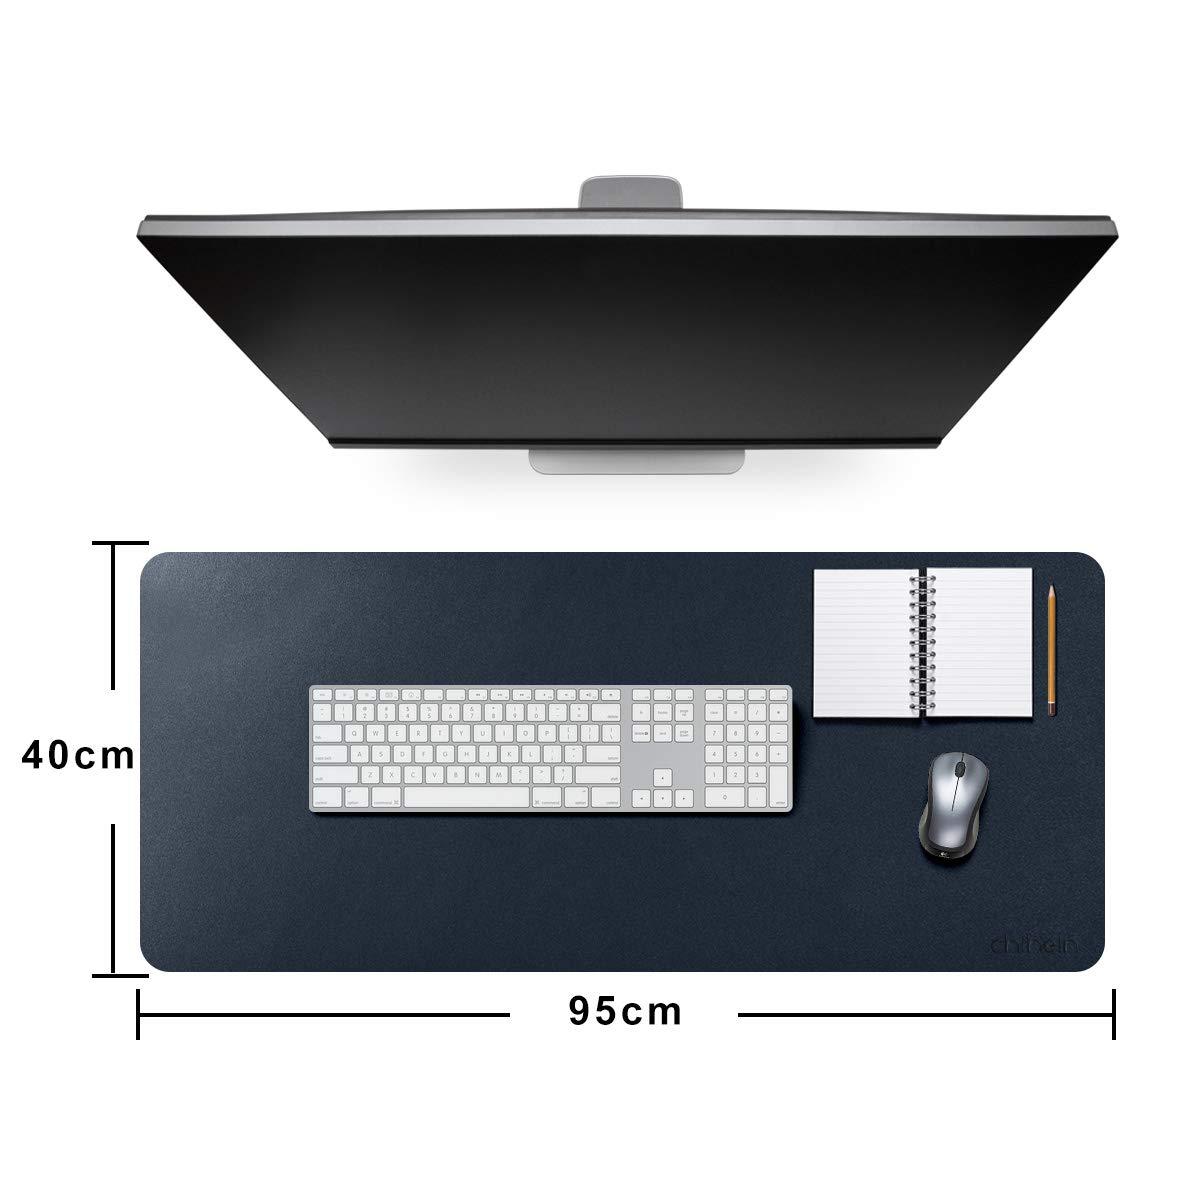 Tappetino per mouse da scrivania per ufficio ultra sottile e impermeabile in pelle PU Chihein 95x40cm doppio uso Grigio//Bianco